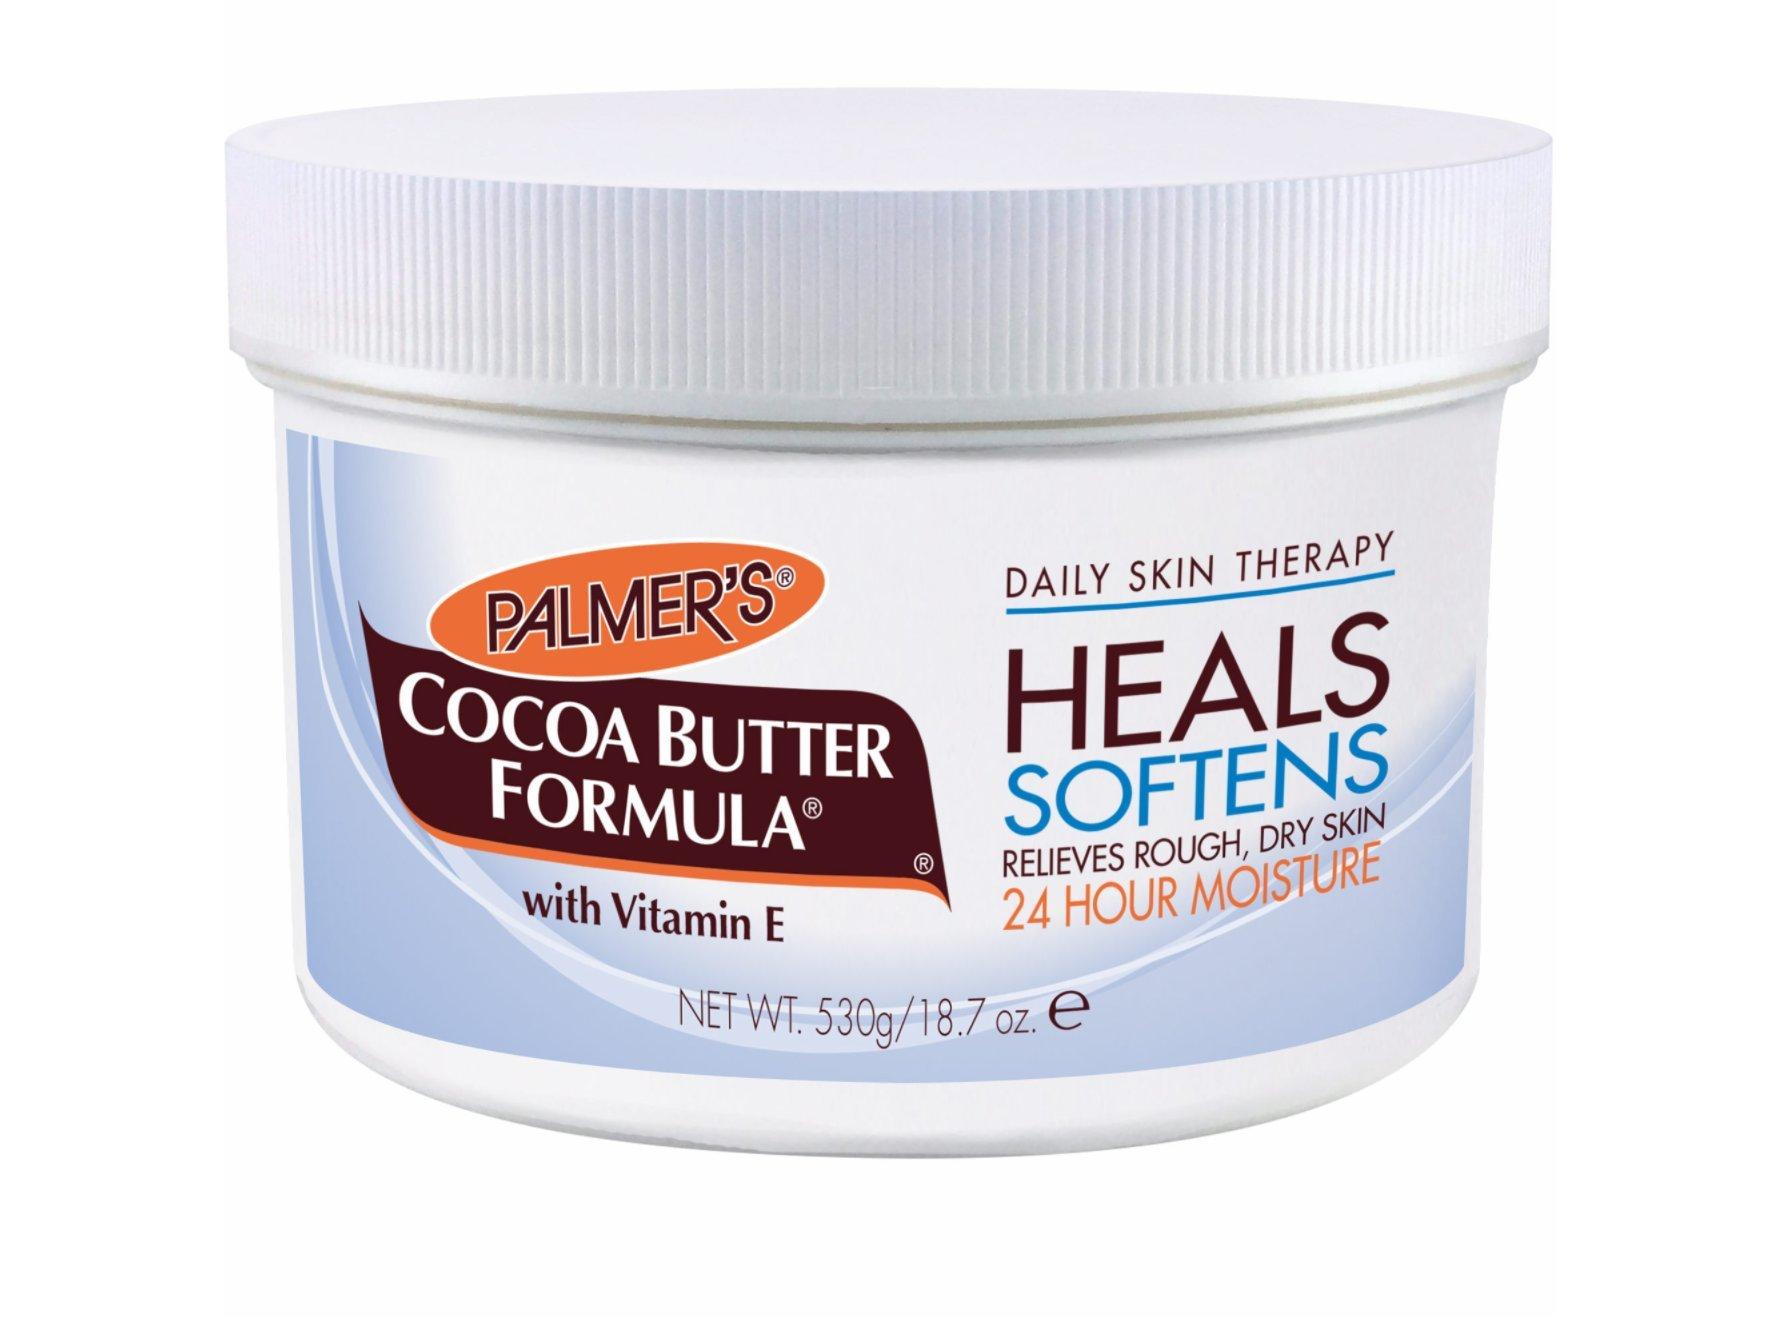 Palmer's Cocoa Butter Formula with Vitamin E, 18.7 oz., 530 g, 1 Jar